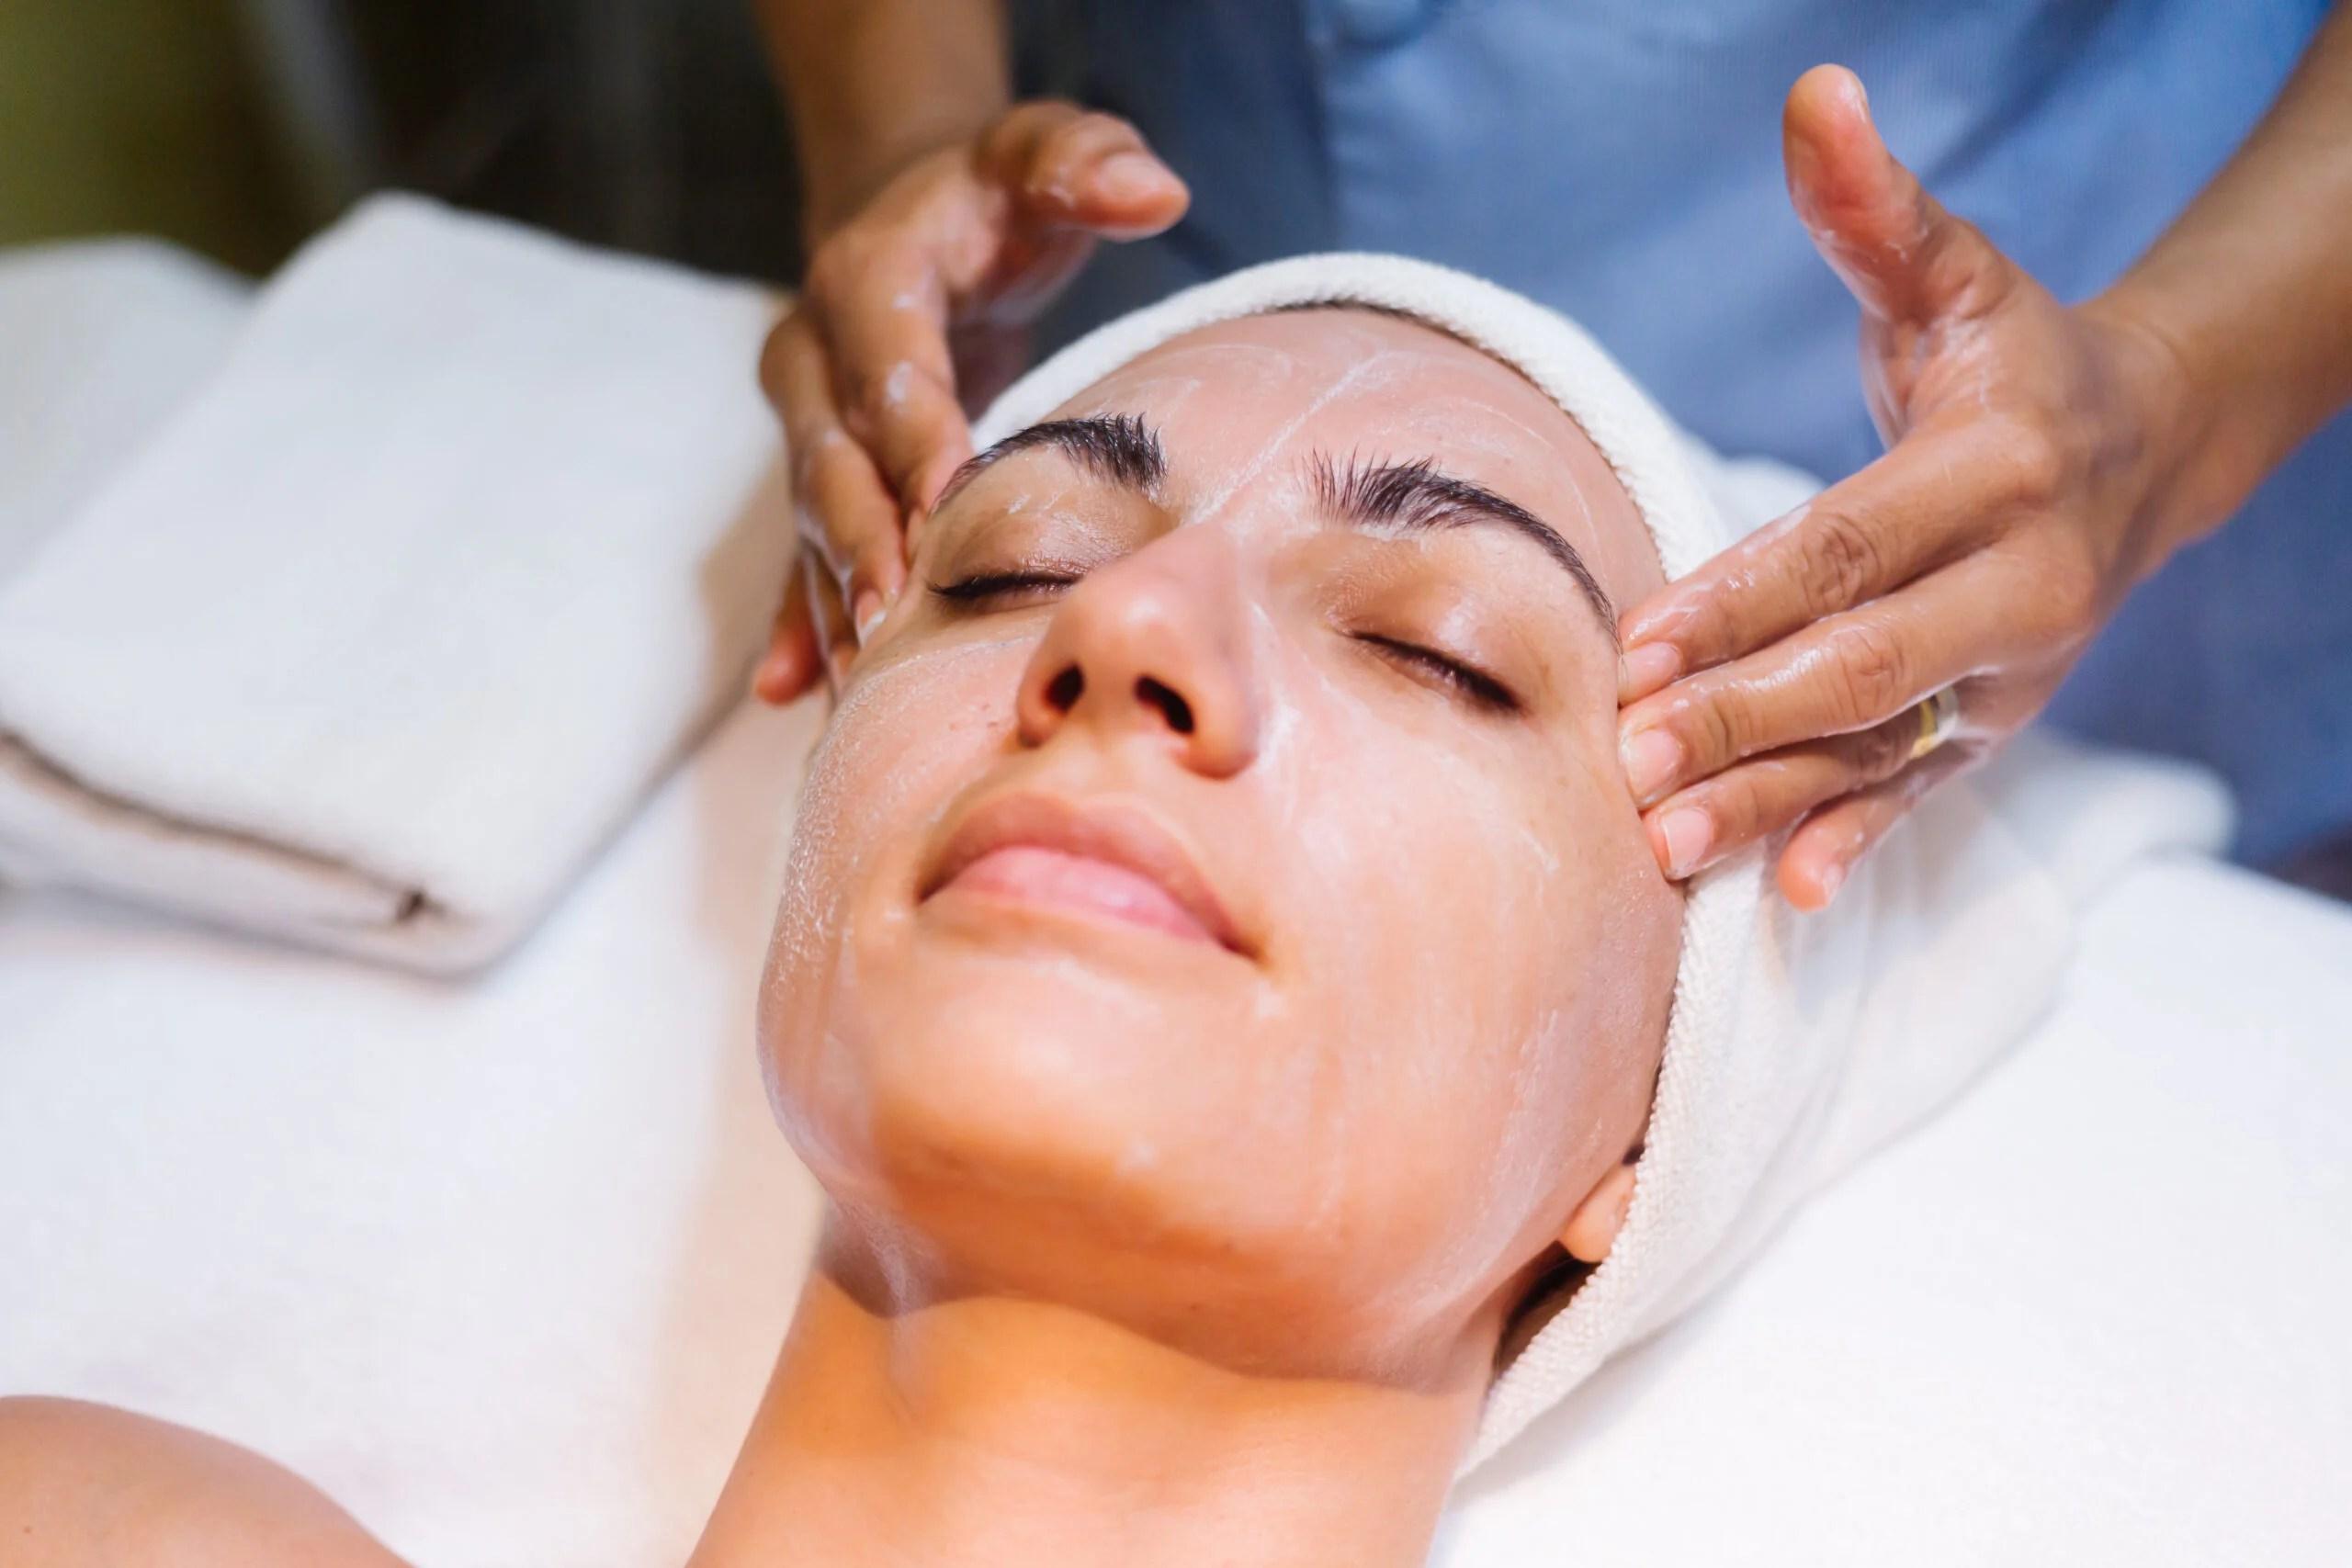 mulher deitada em maca fazendo peeling para manchas na pele